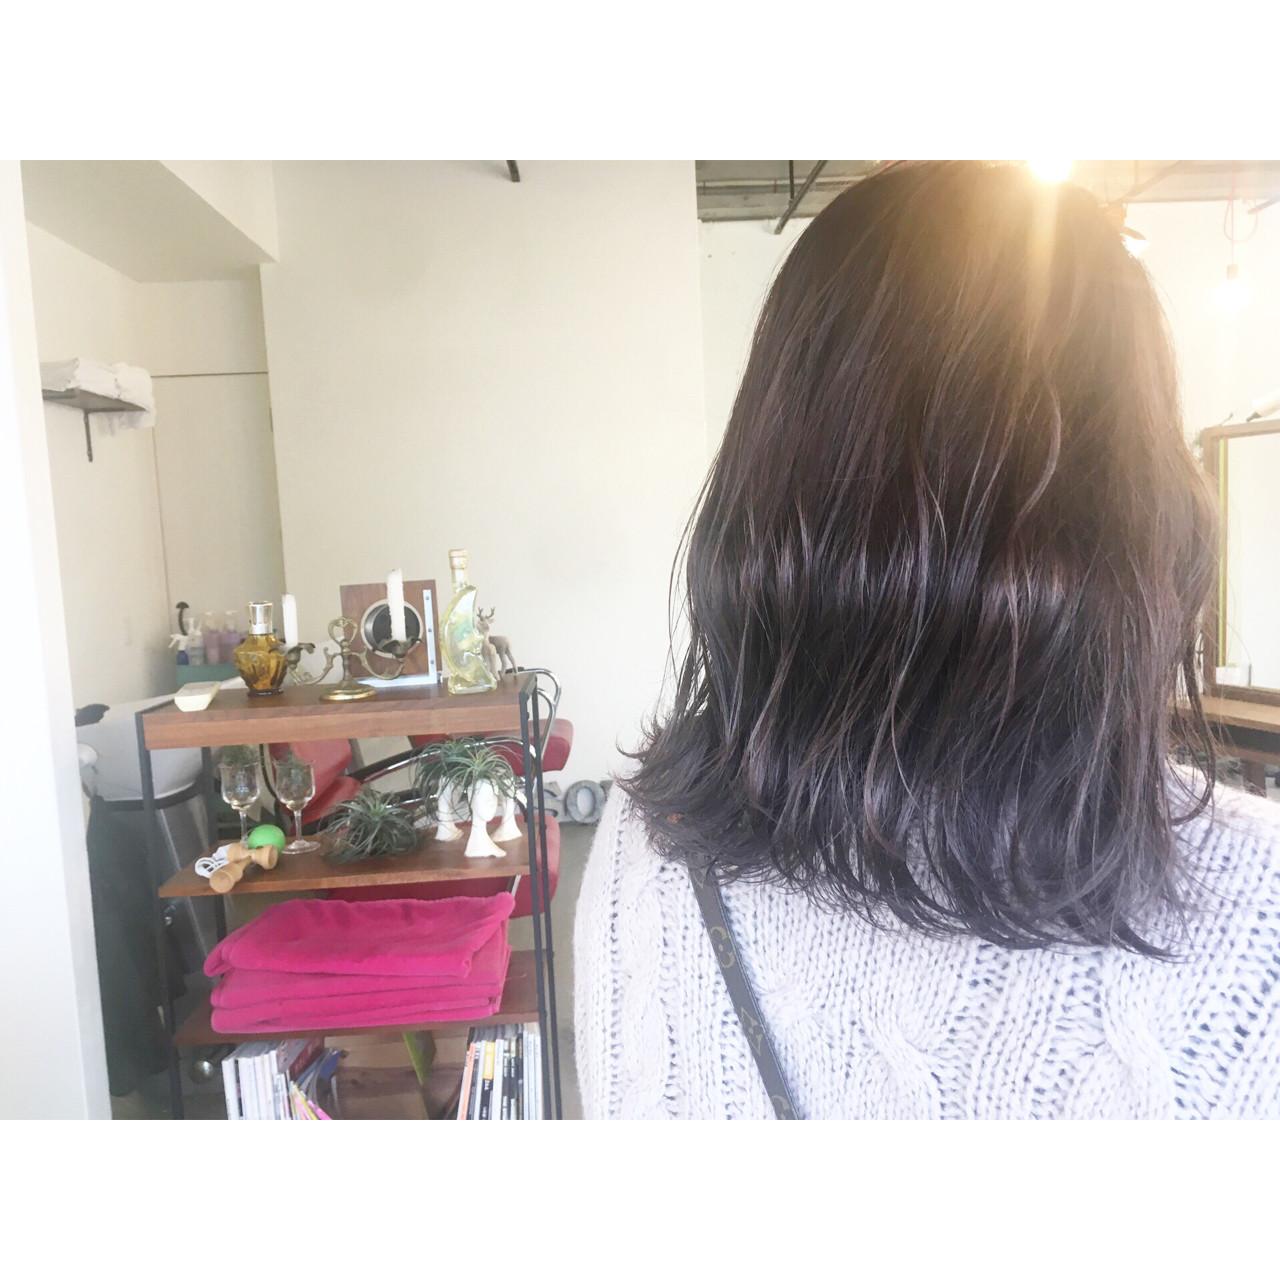 ハンサム ナチュラル ハロウィン ミディアム ヘアスタイルや髪型の写真・画像 | 森下佳哲 / lufun hair design